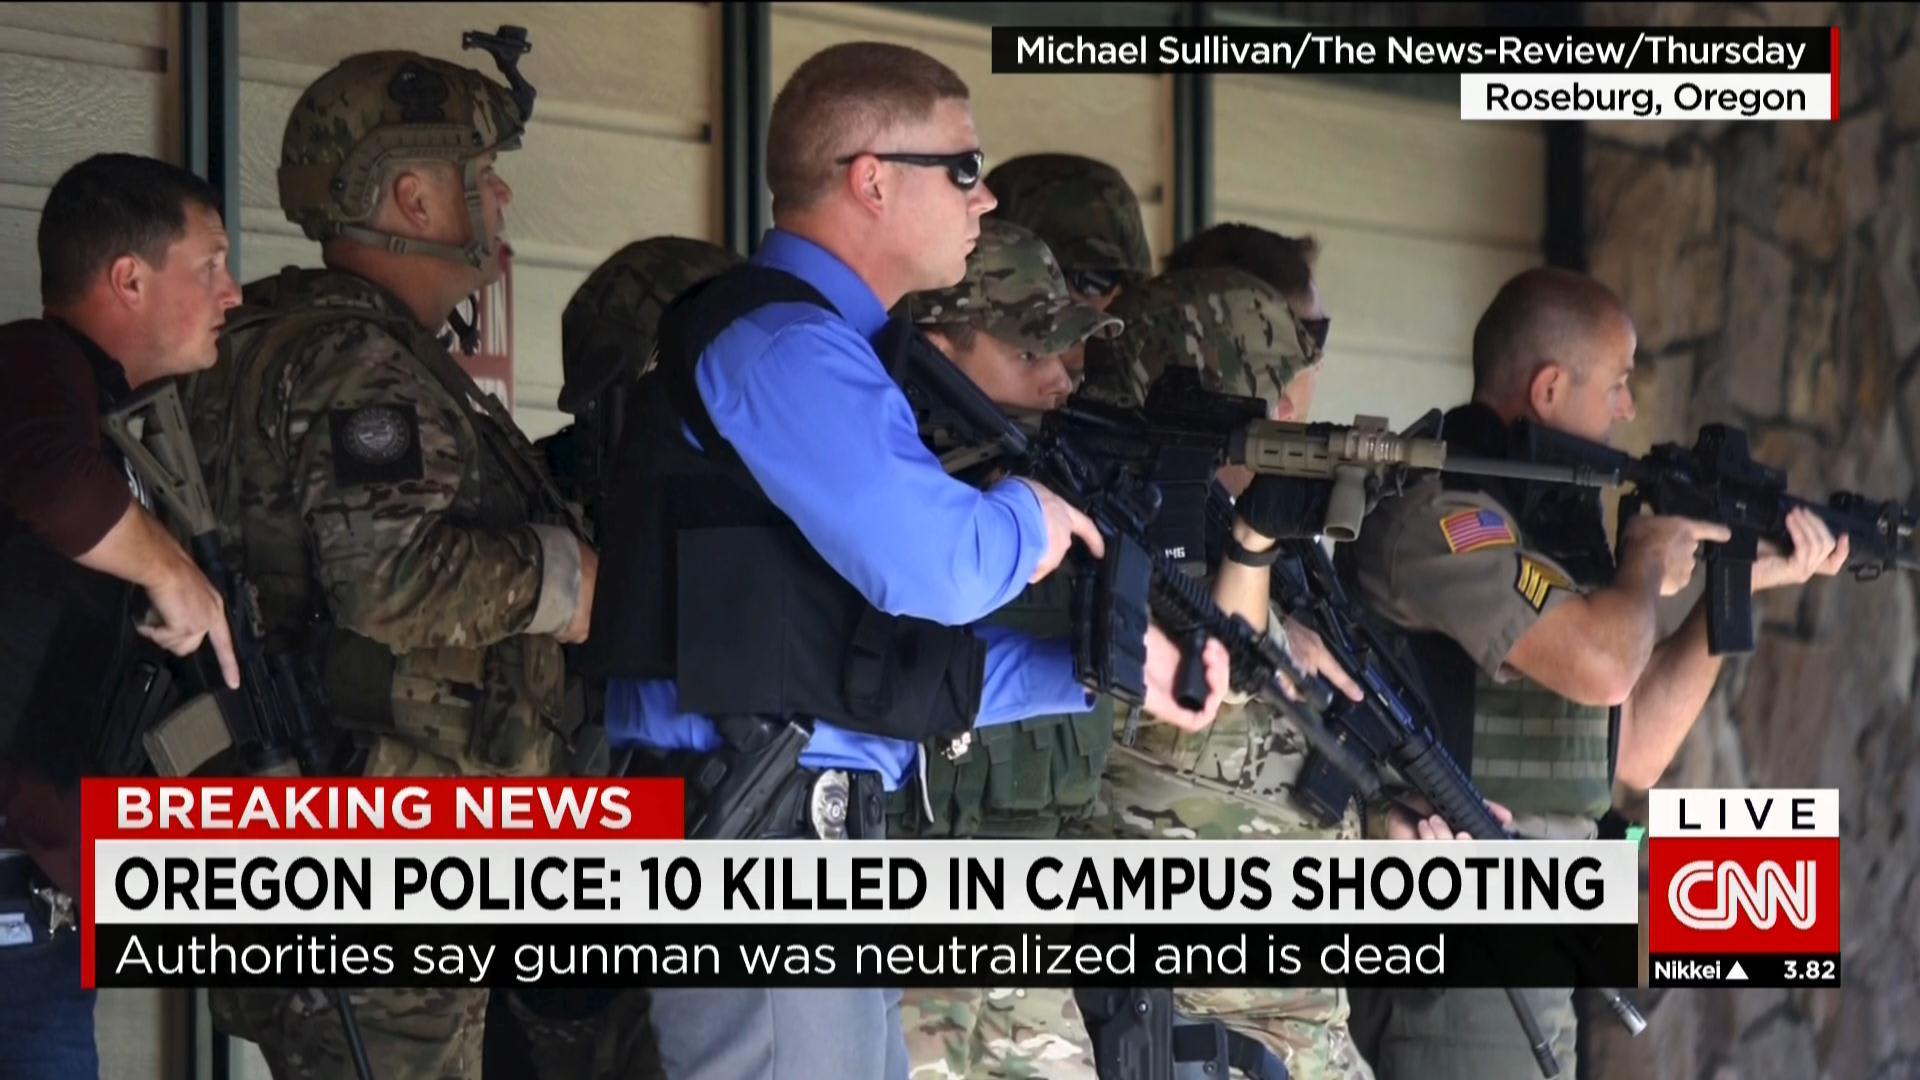 بالصور.. من مسرح هجوم كلية في اوريغون بأمريكا